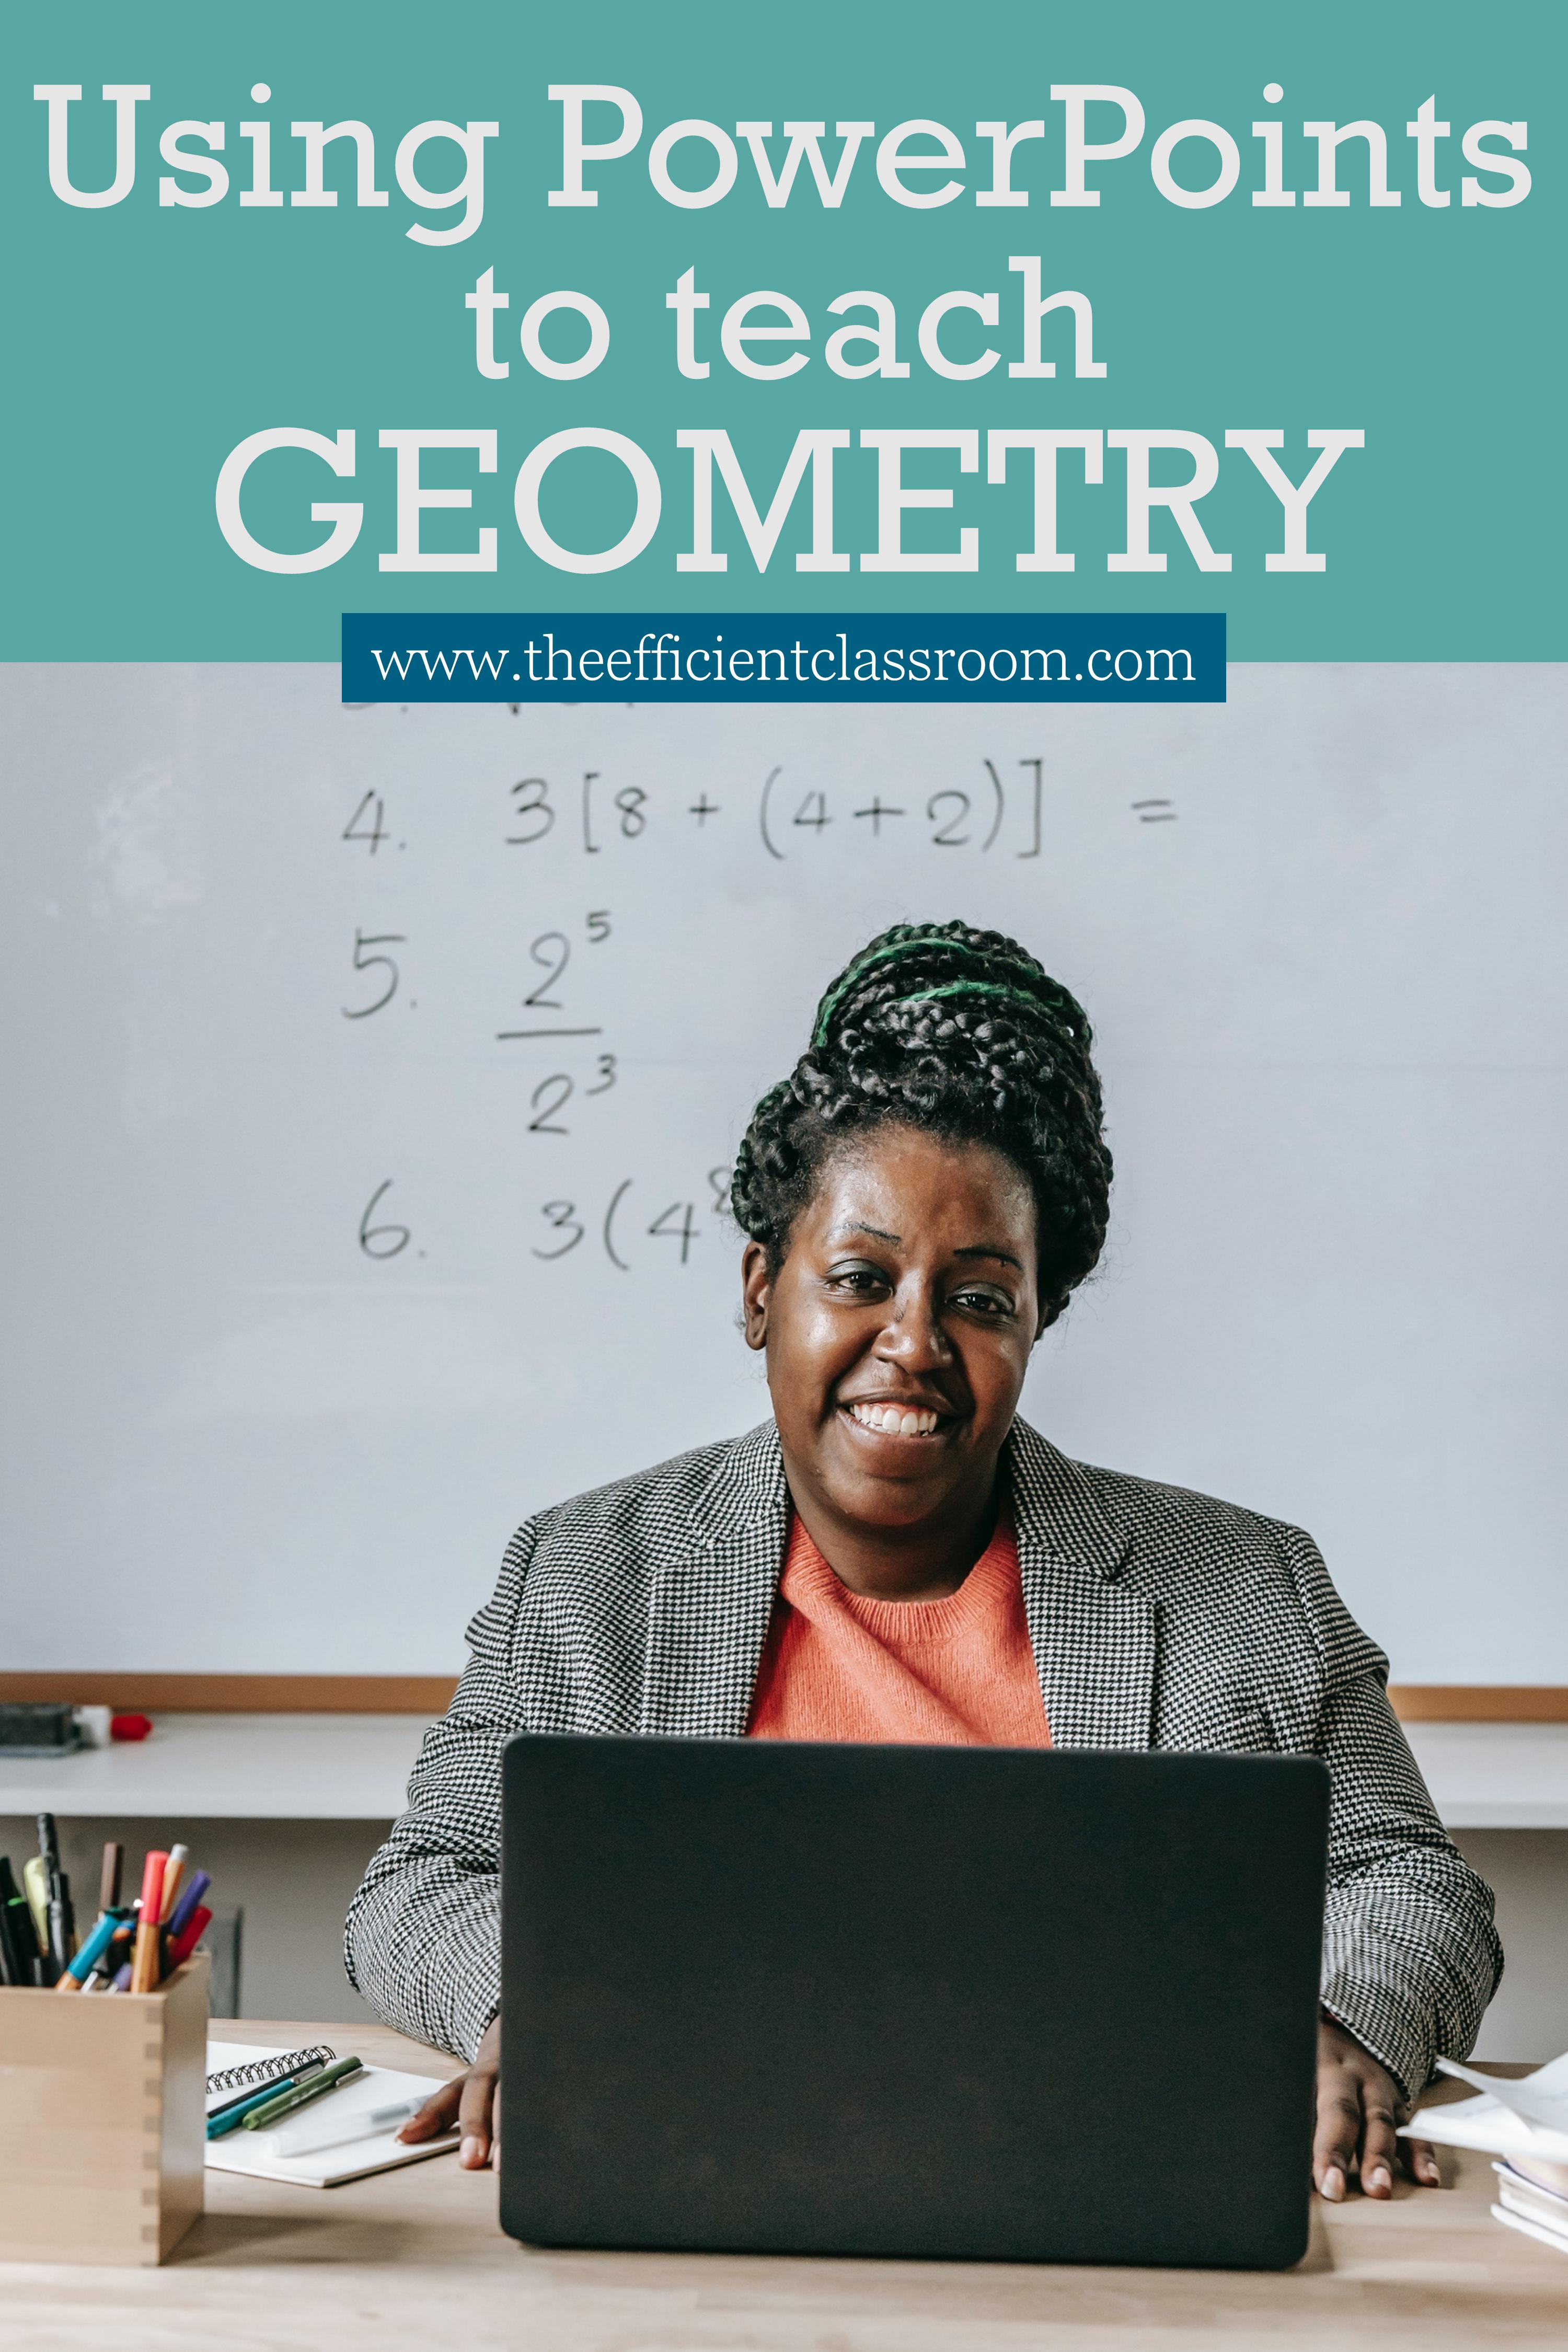 Geometry PowerPoints